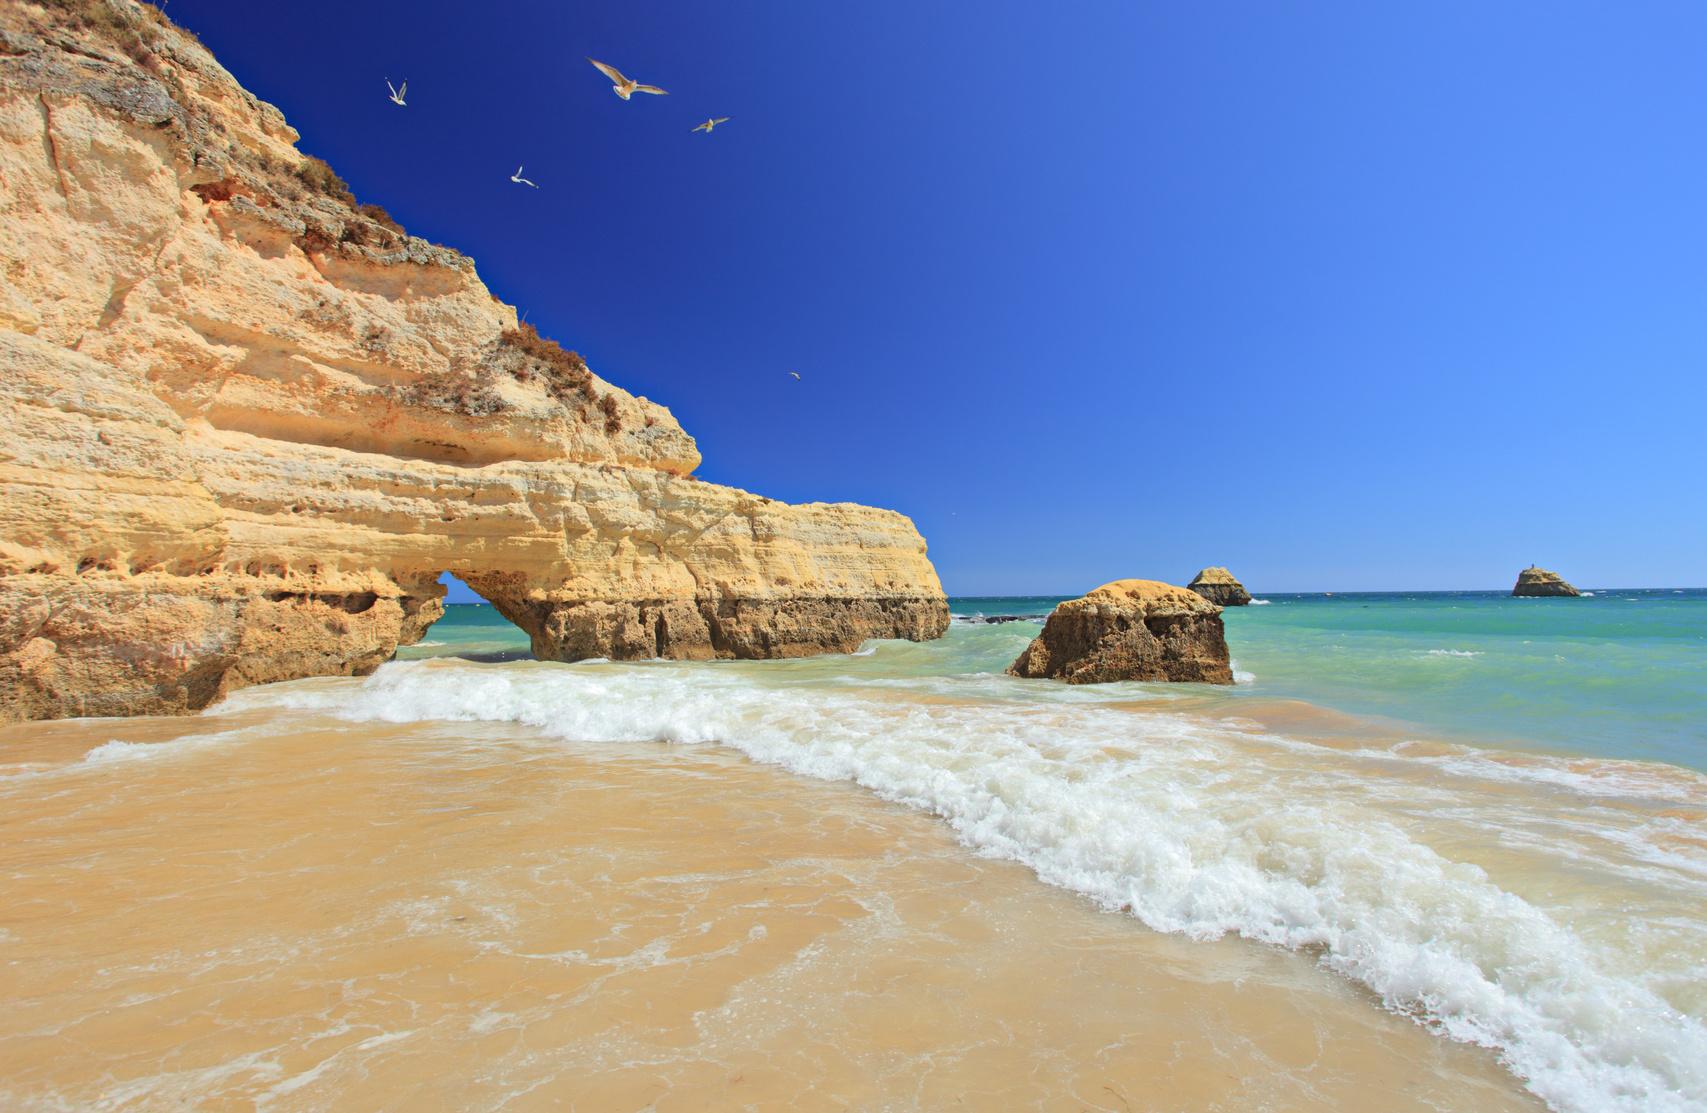 Wczasy i wakacje w Portugalii - sprawdź